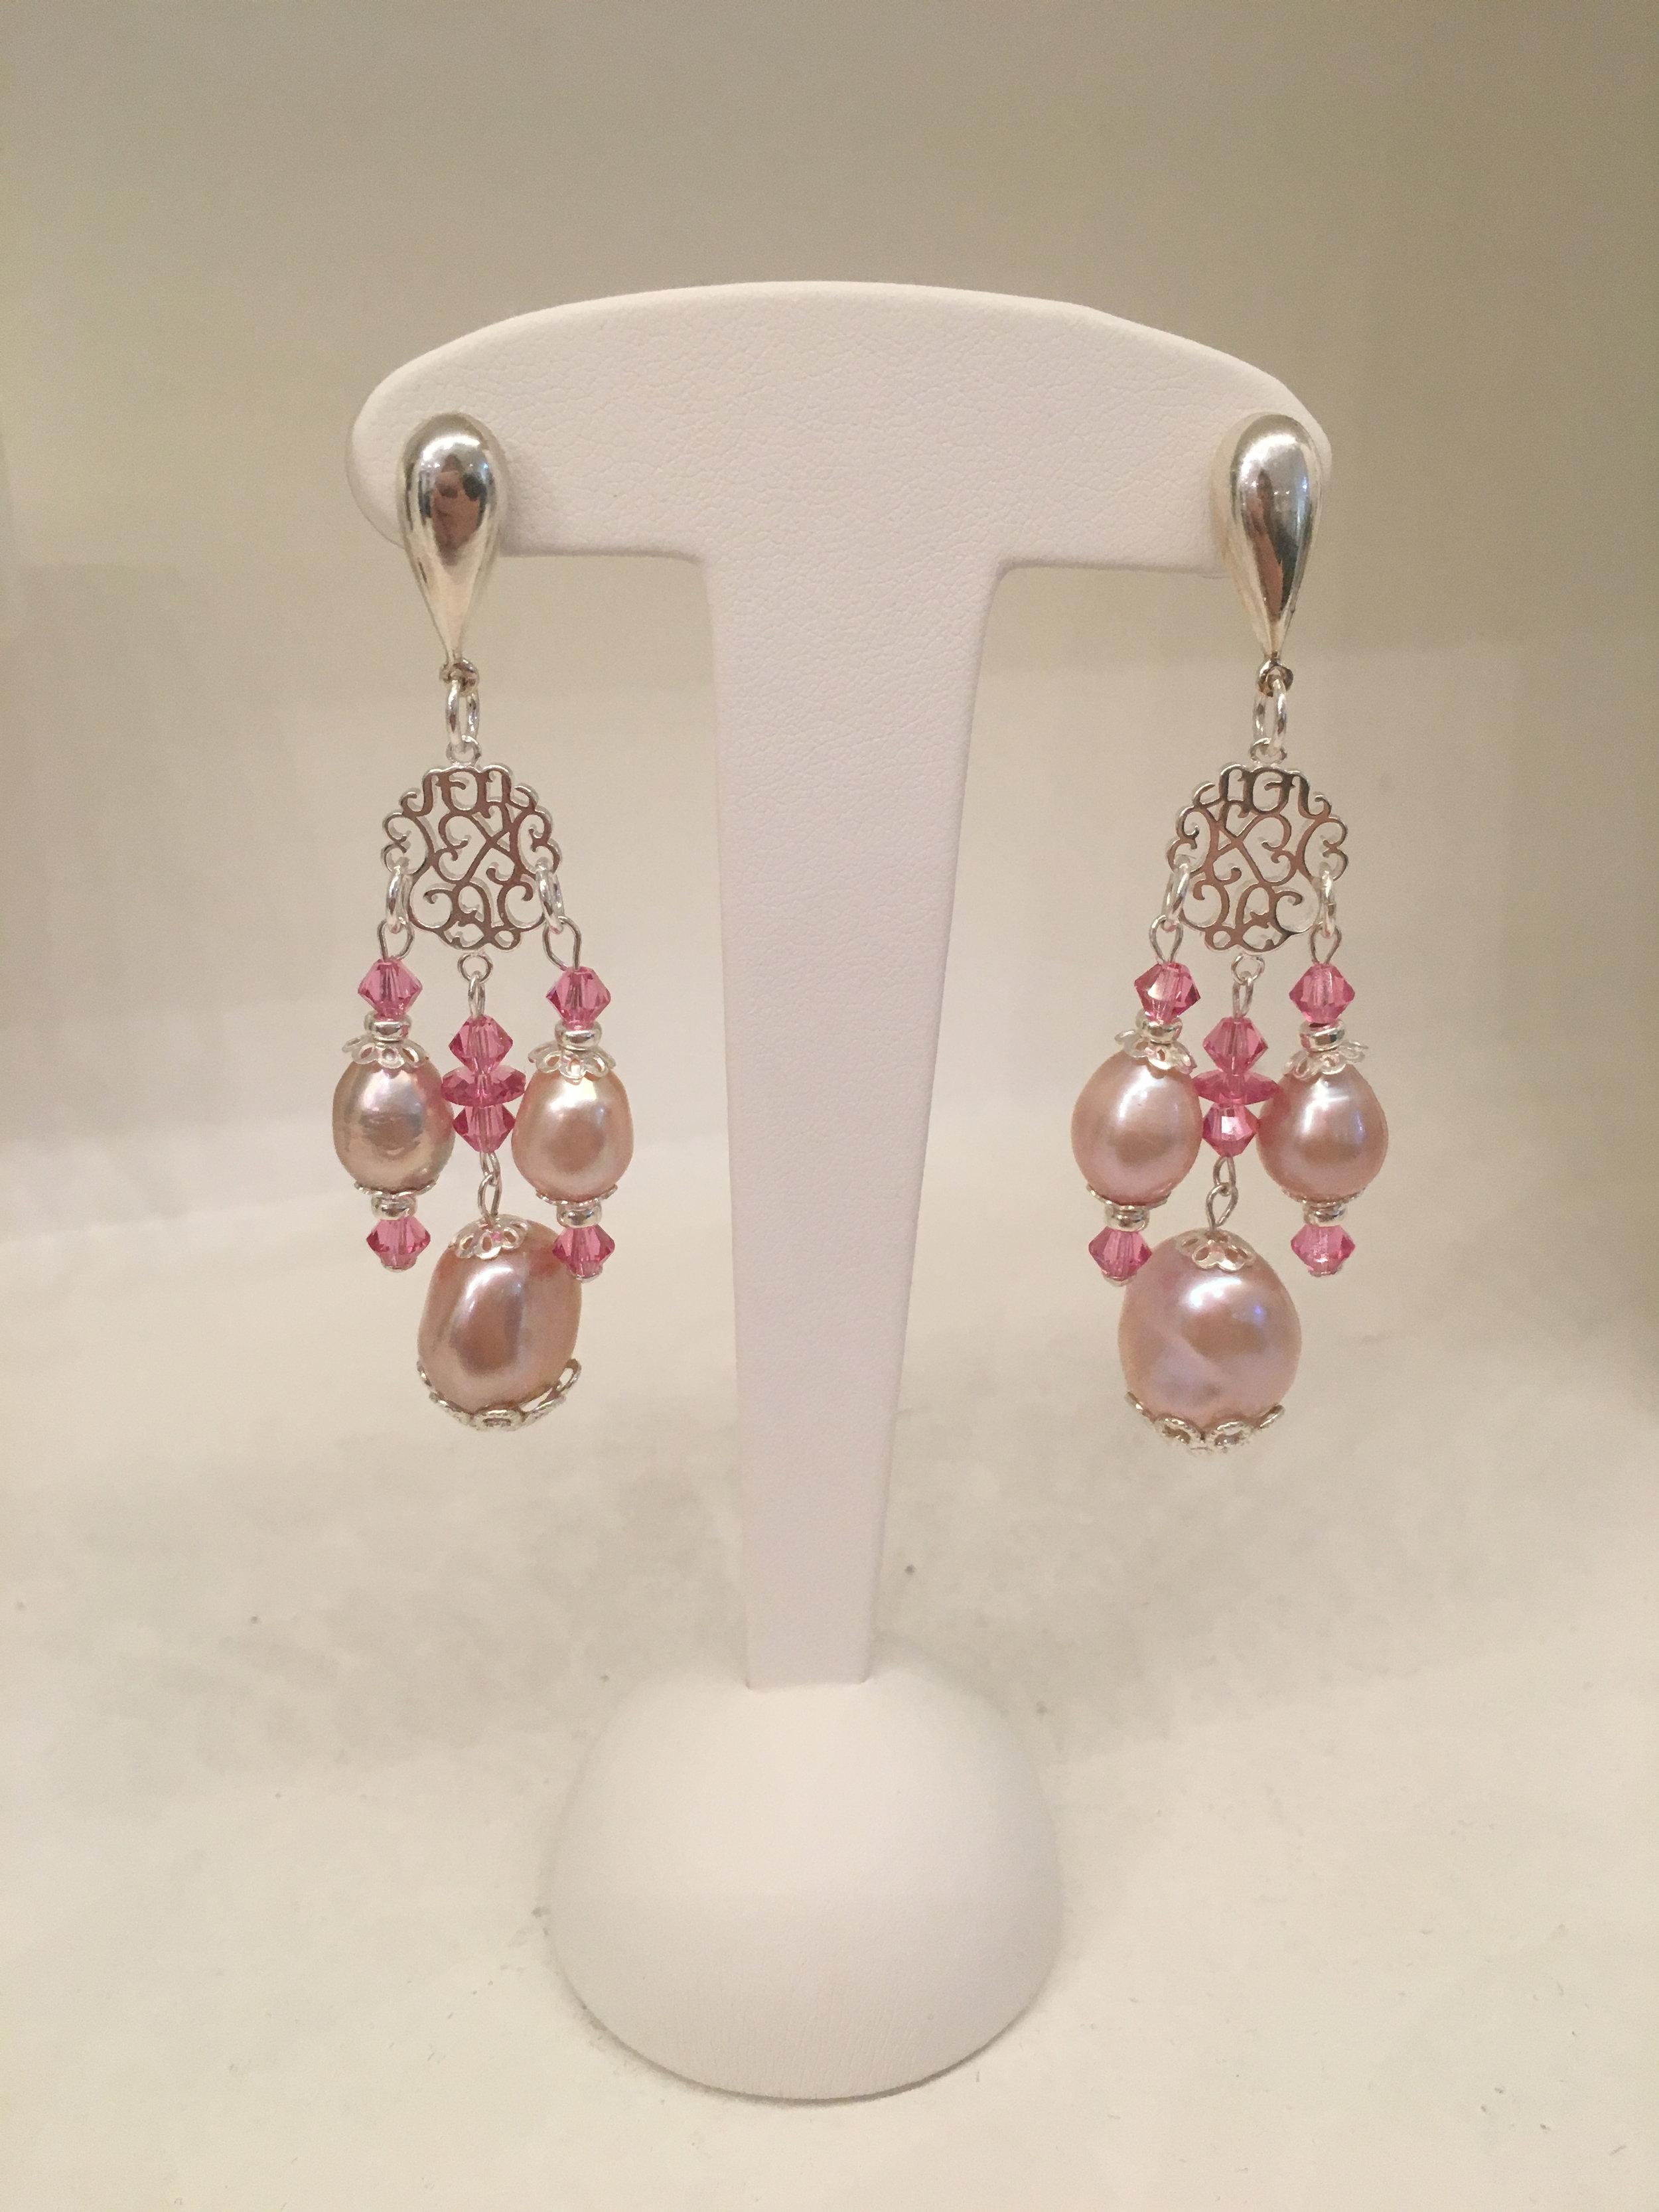 Boucle oreille Silver argent et perles baroques.jpg